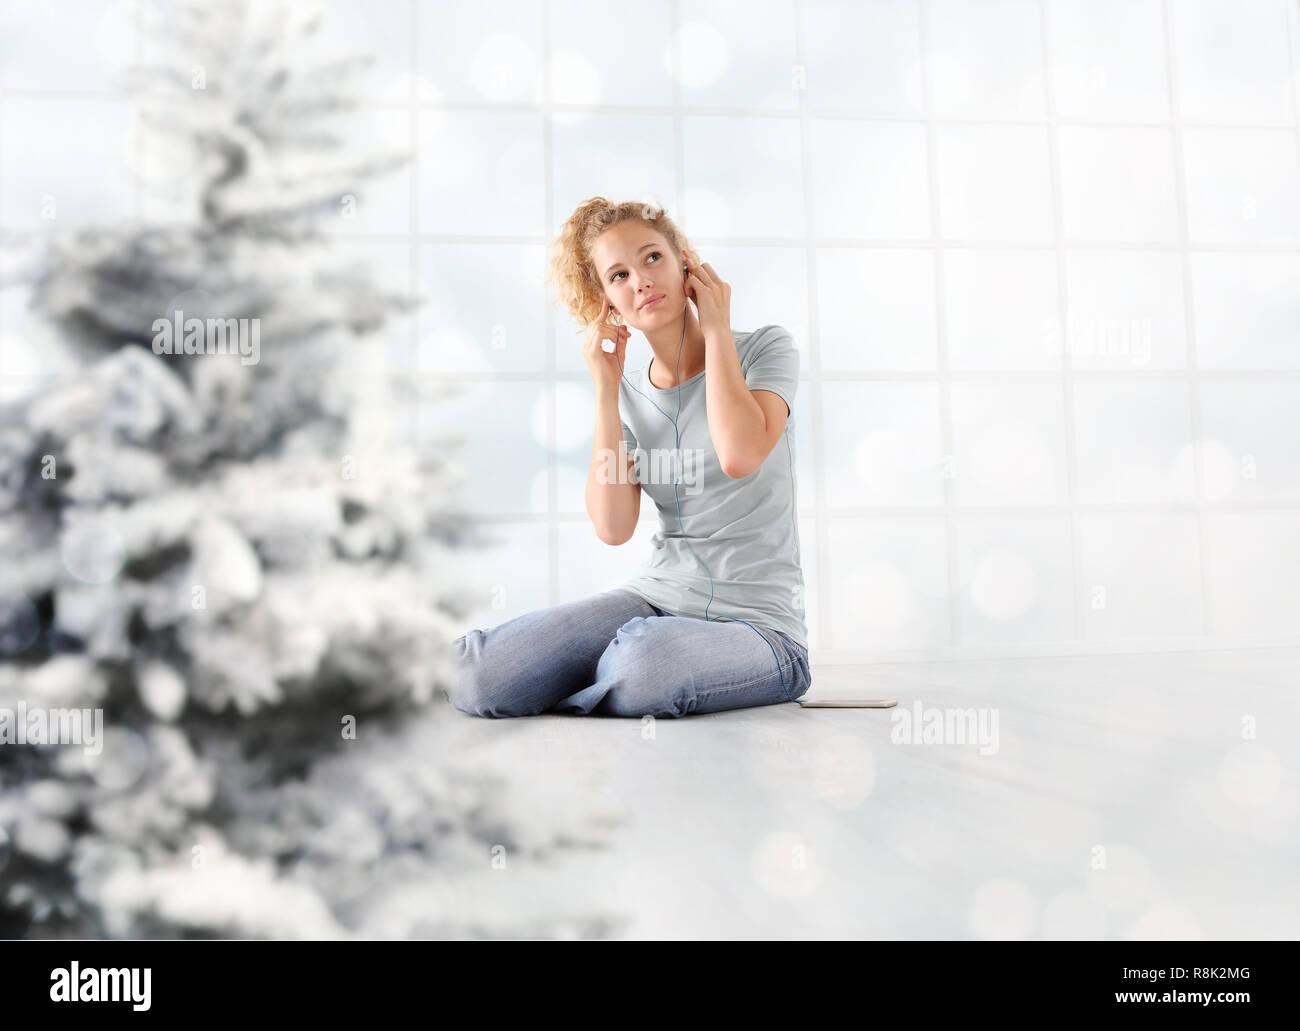 Escuchar Cancion Feliz Navidad.Canciones De Navidad Imagenes De Stock Canciones De